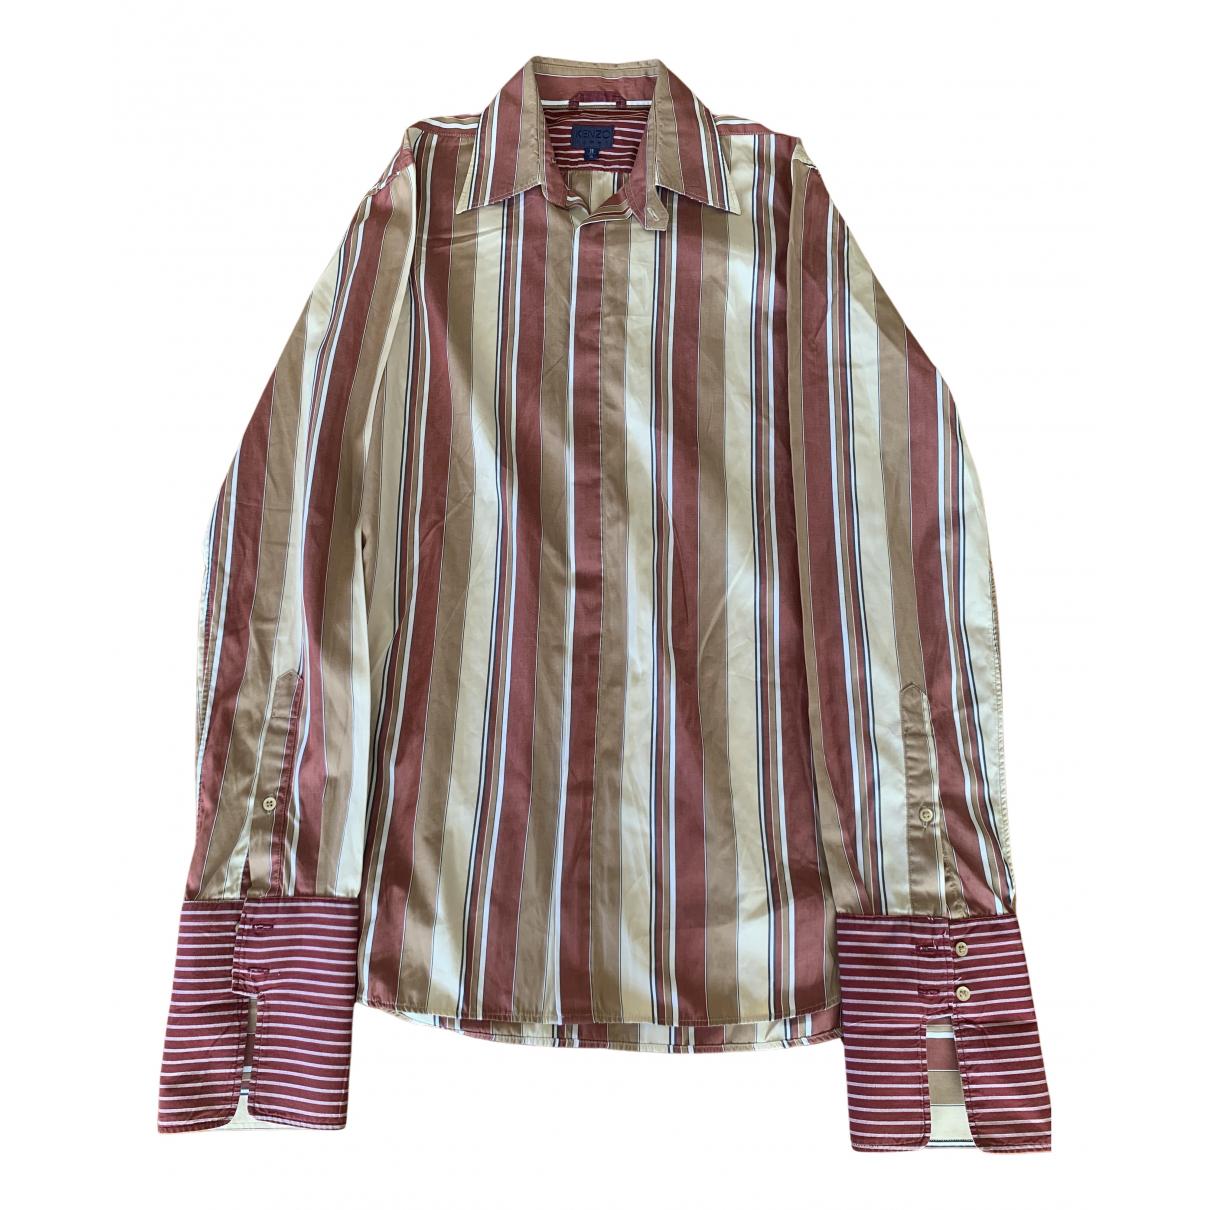 Kenzo N Beige Cotton Shirts for Men 38 EU (tour de cou / collar)